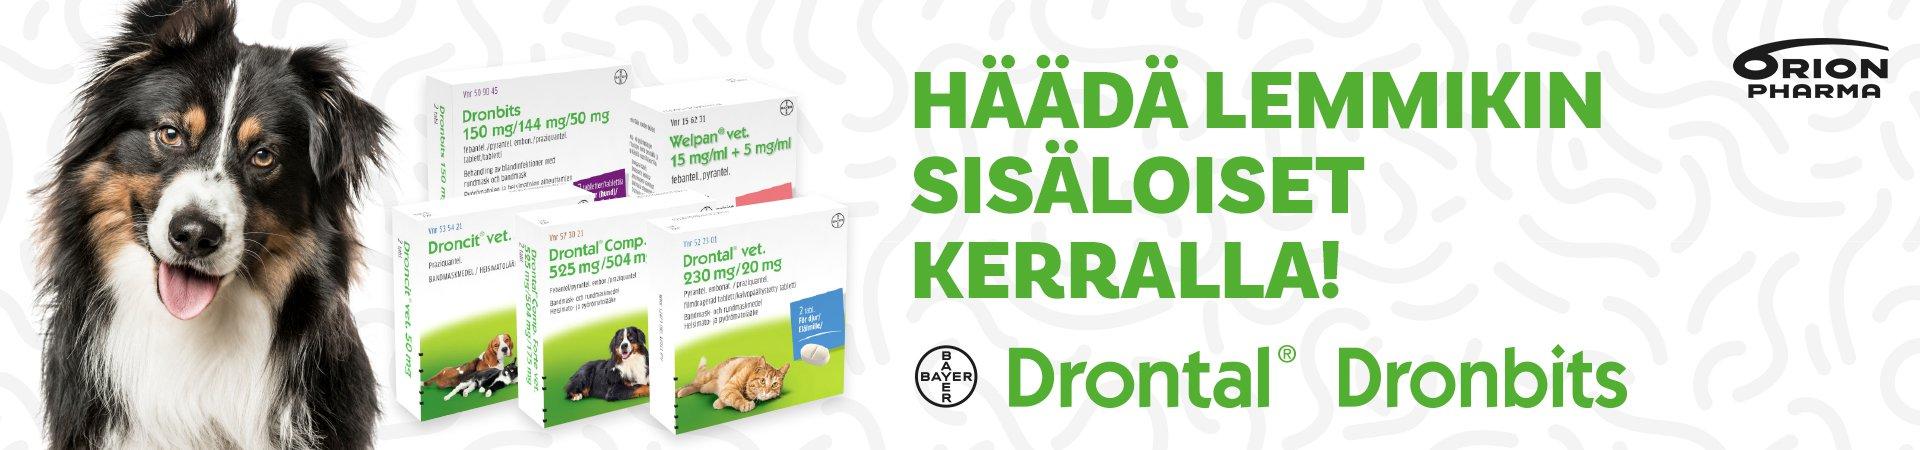 Dronbits